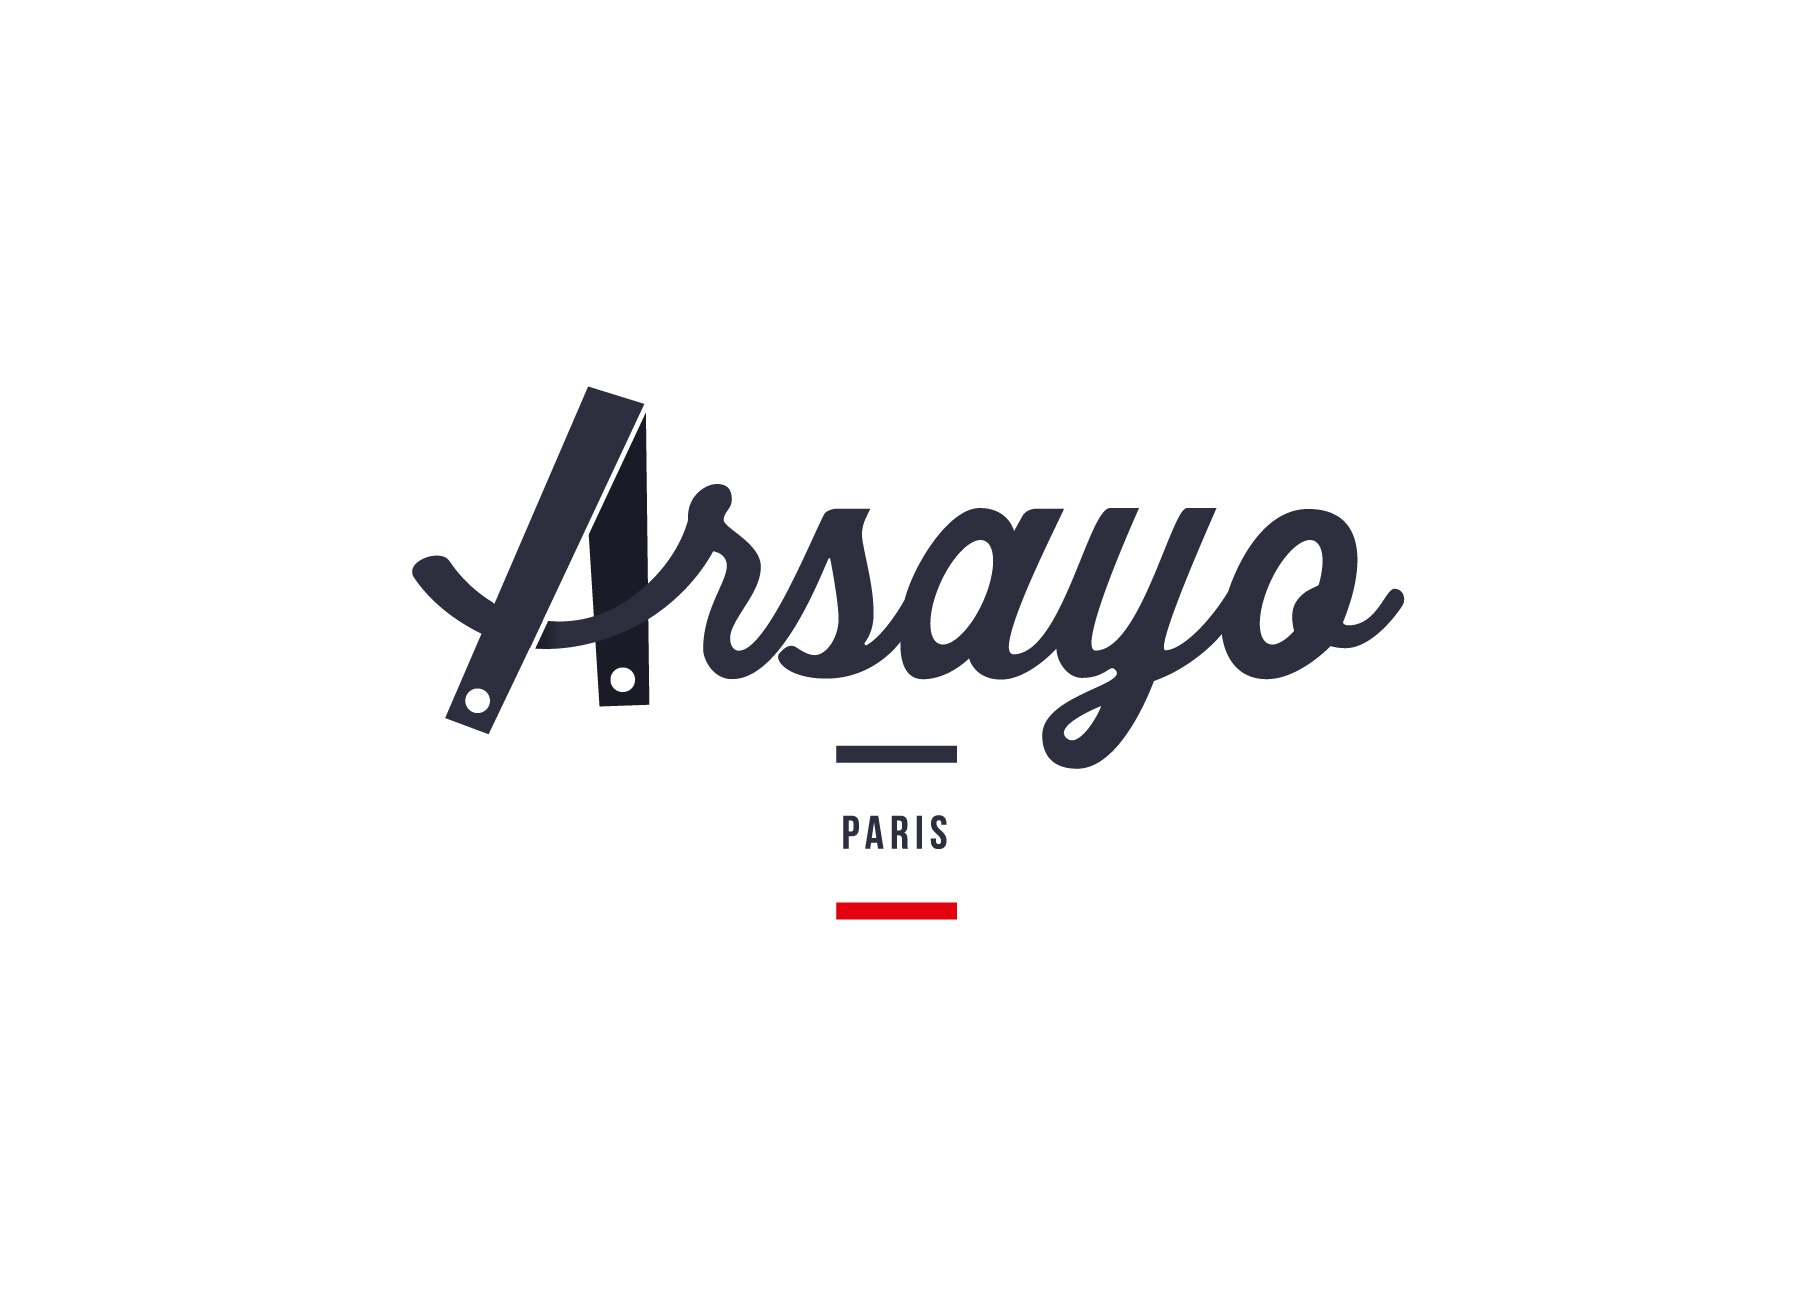 ARSAYO